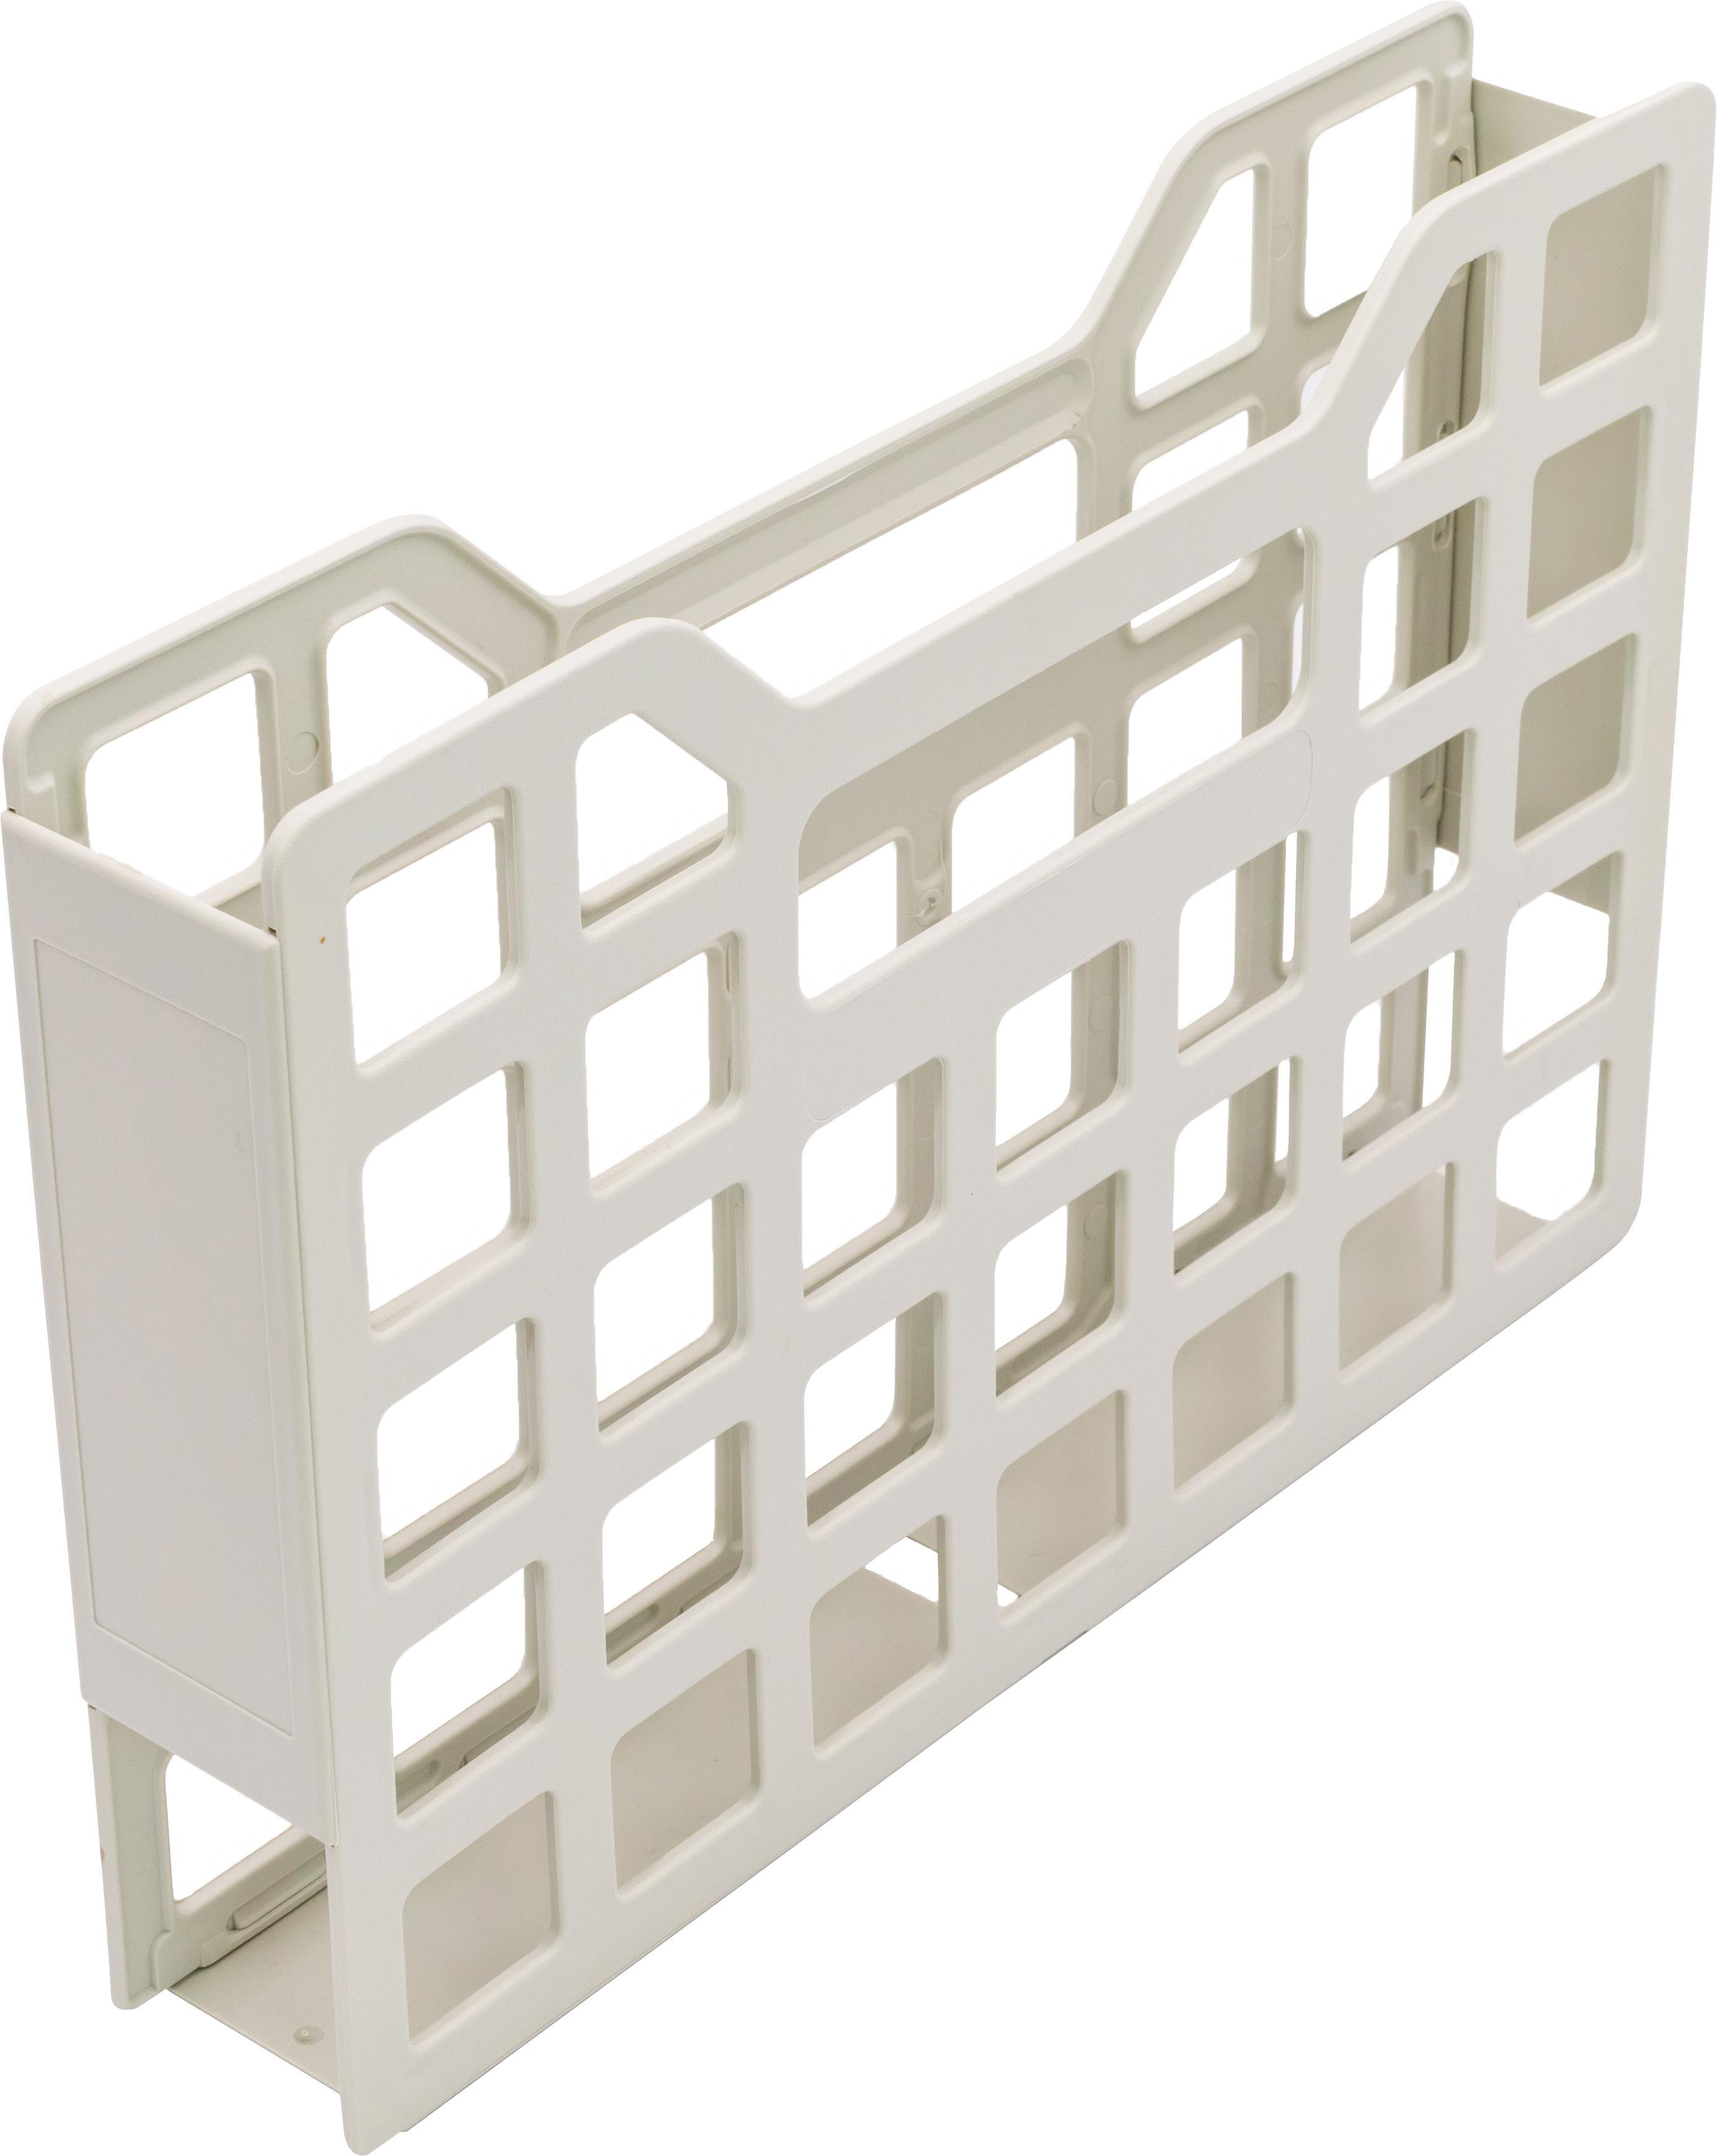 Ordnungsbox (Gitter) für DIN A4, 5 cm breit, ABS, hellgrau